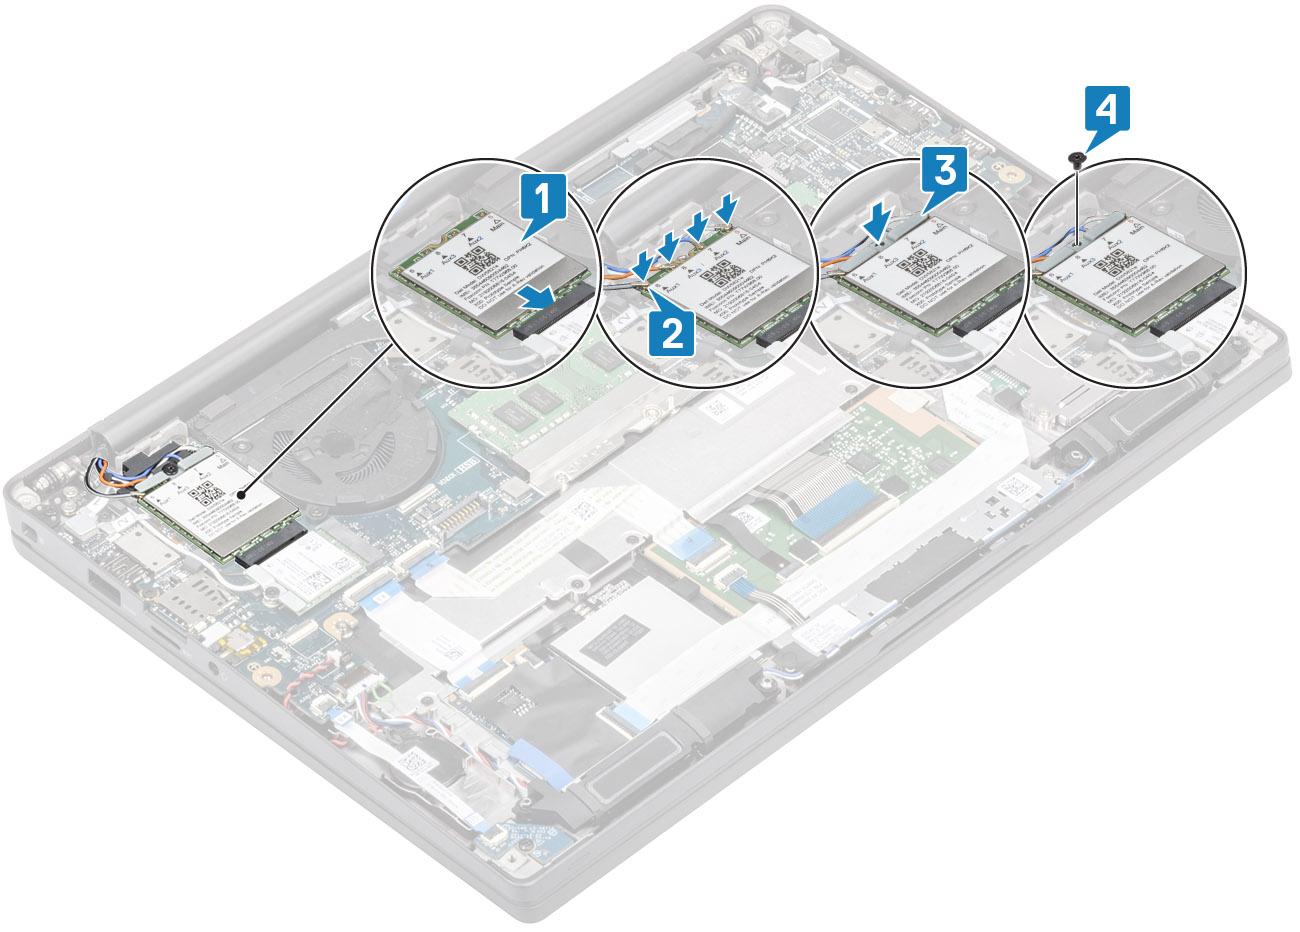 Dell Latitude 7400 Service Manual